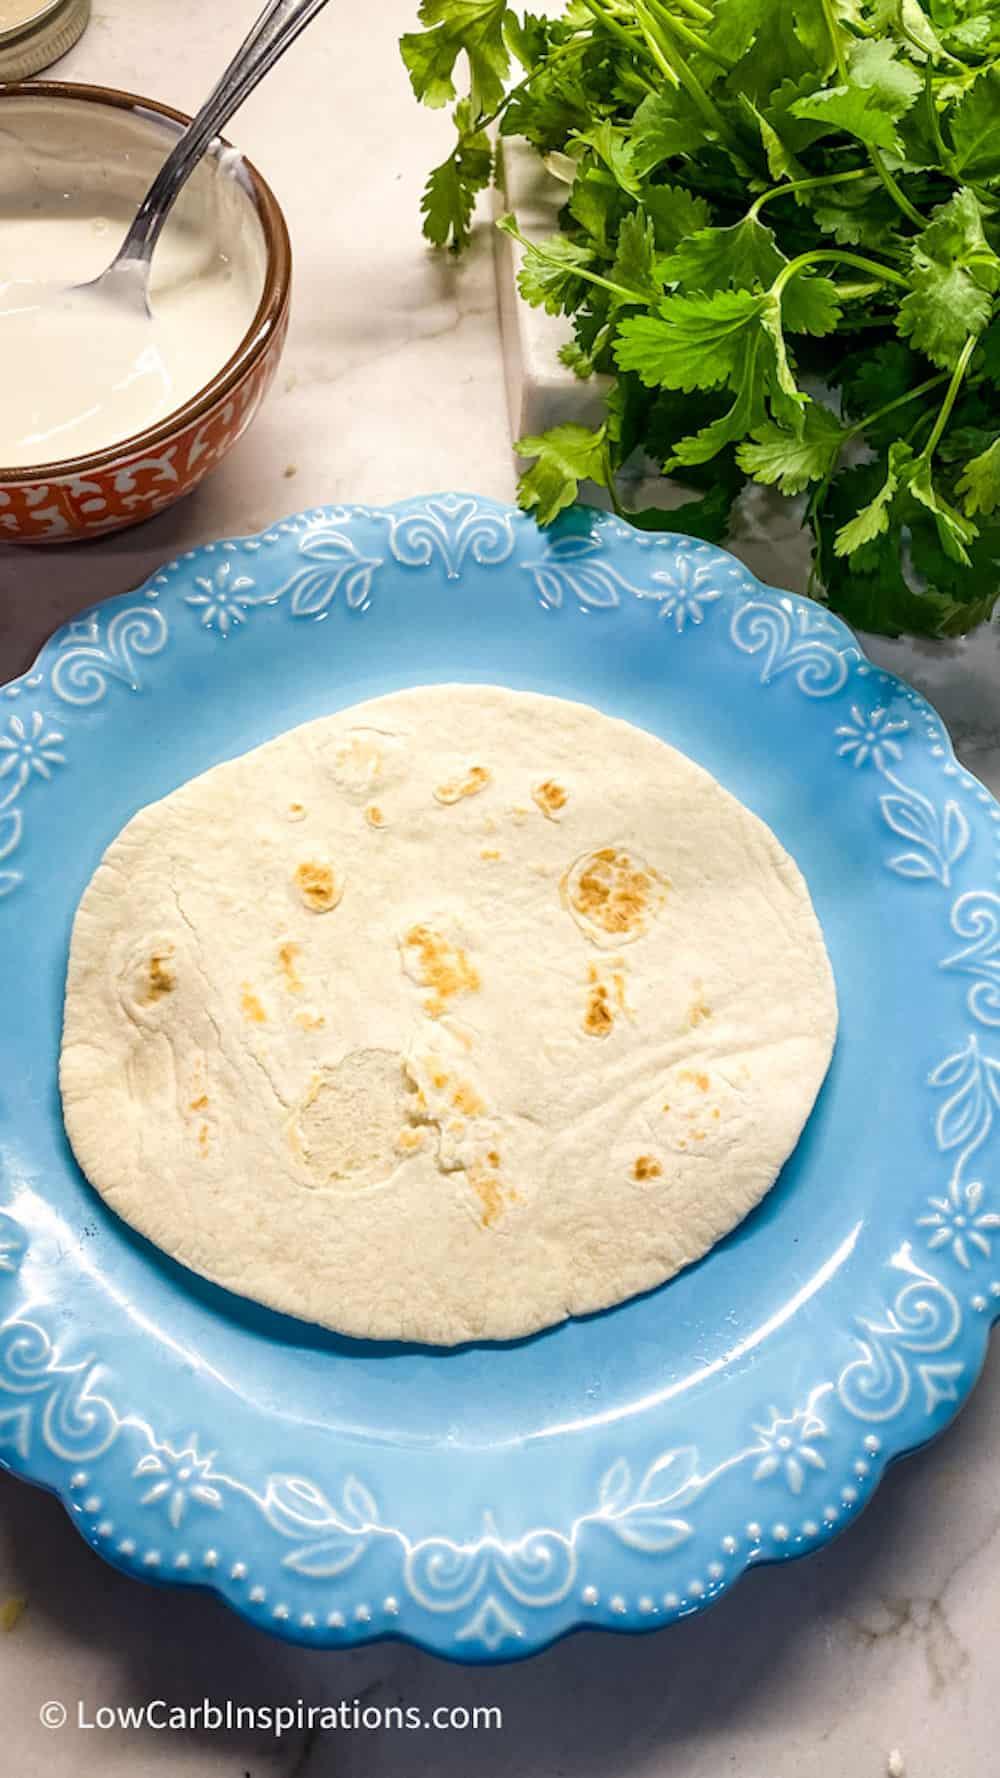 Tortilla on a blue plate